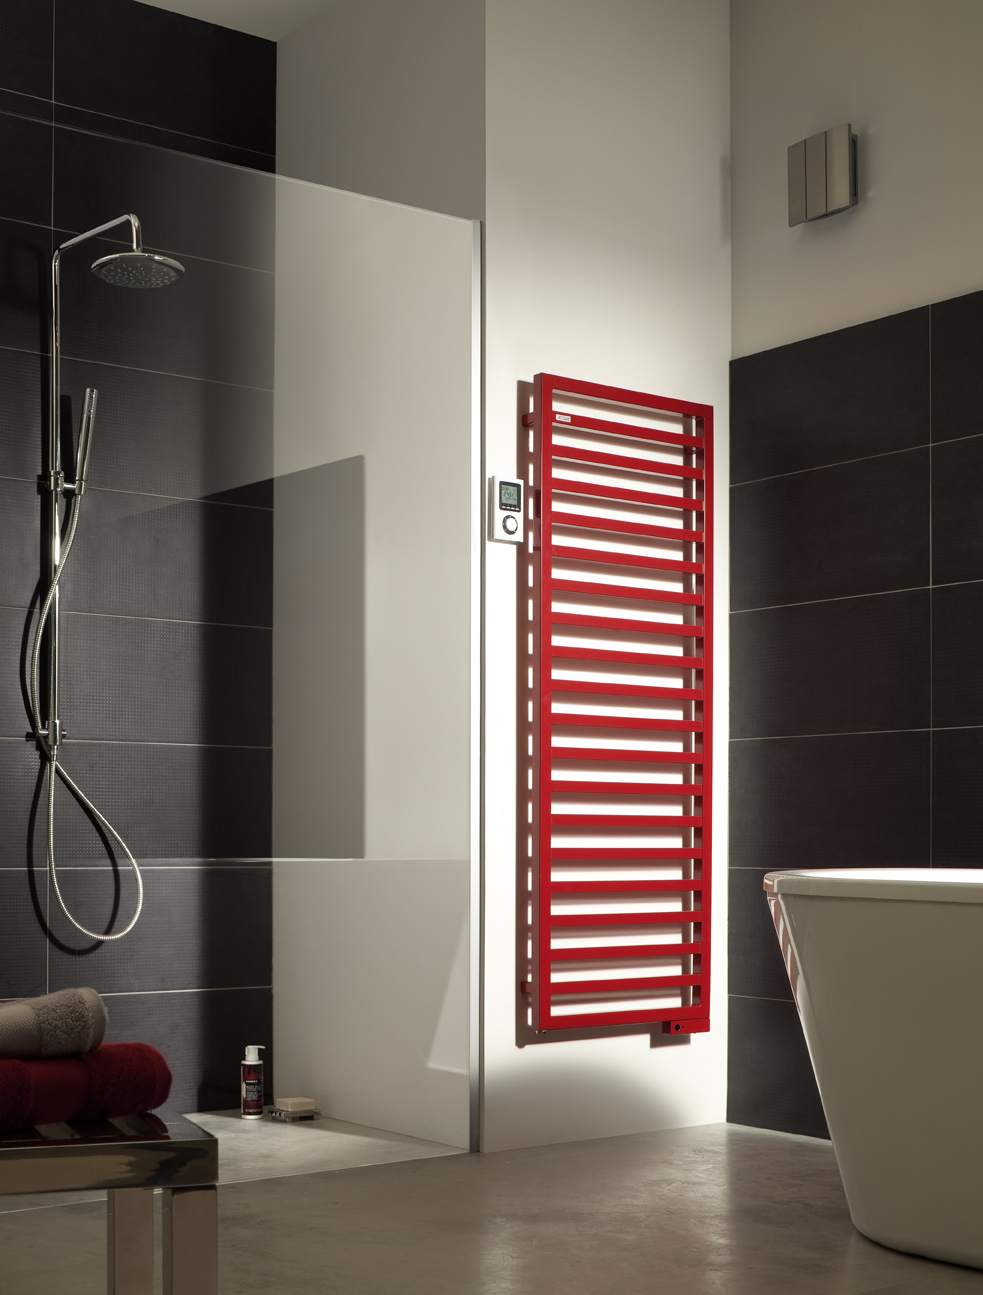 acova ckarena spa couleurs vertical 50x175cm 750w cat gorie s che serviette. Black Bedroom Furniture Sets. Home Design Ideas